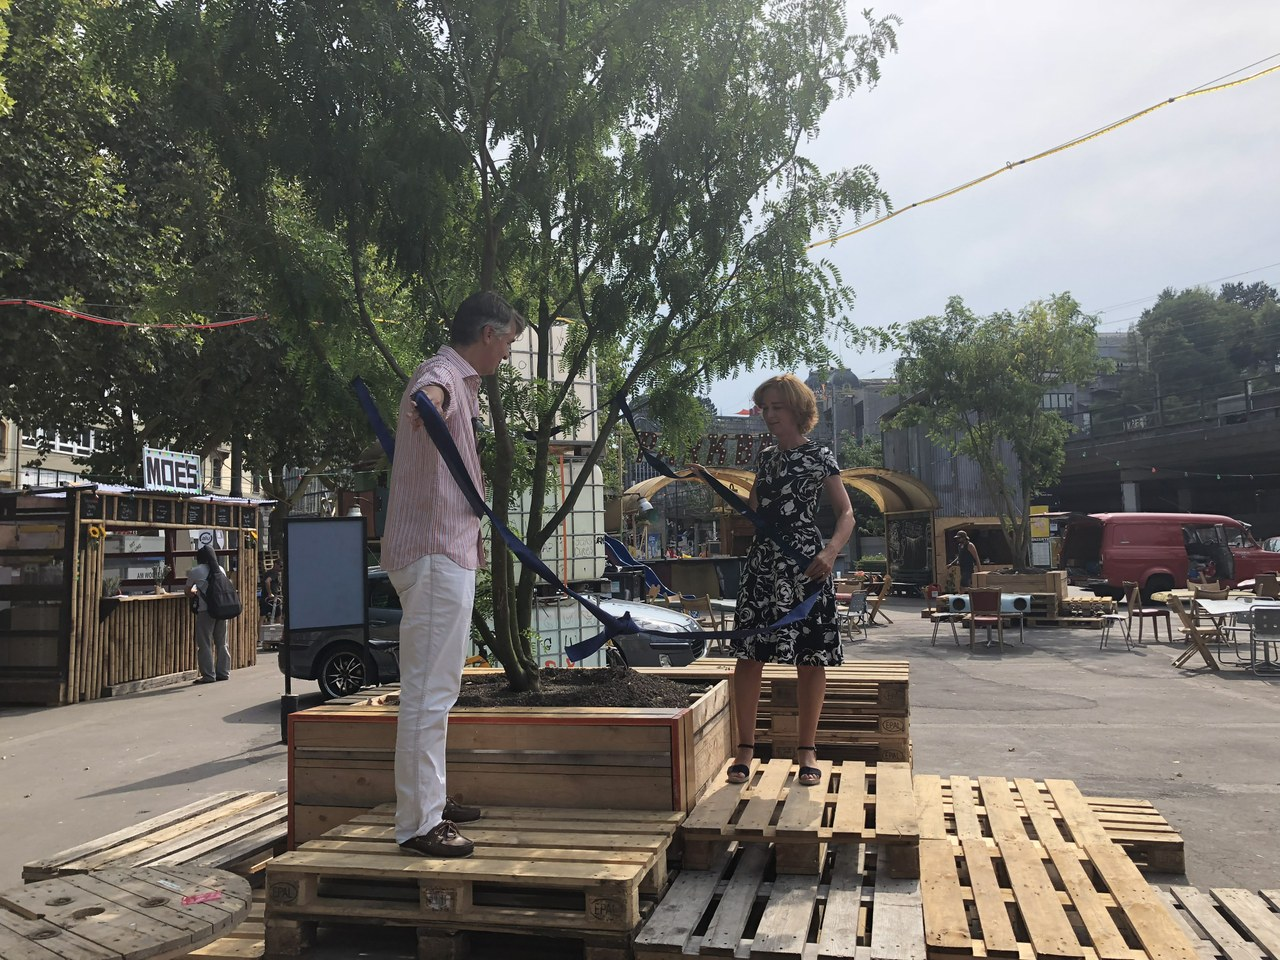 Symbolische Übergabe der Schützenmatte an die Bevölkerung durch Stadtpräsident Alec von Graffenried und Gemeinderätin Ursula Wyss.